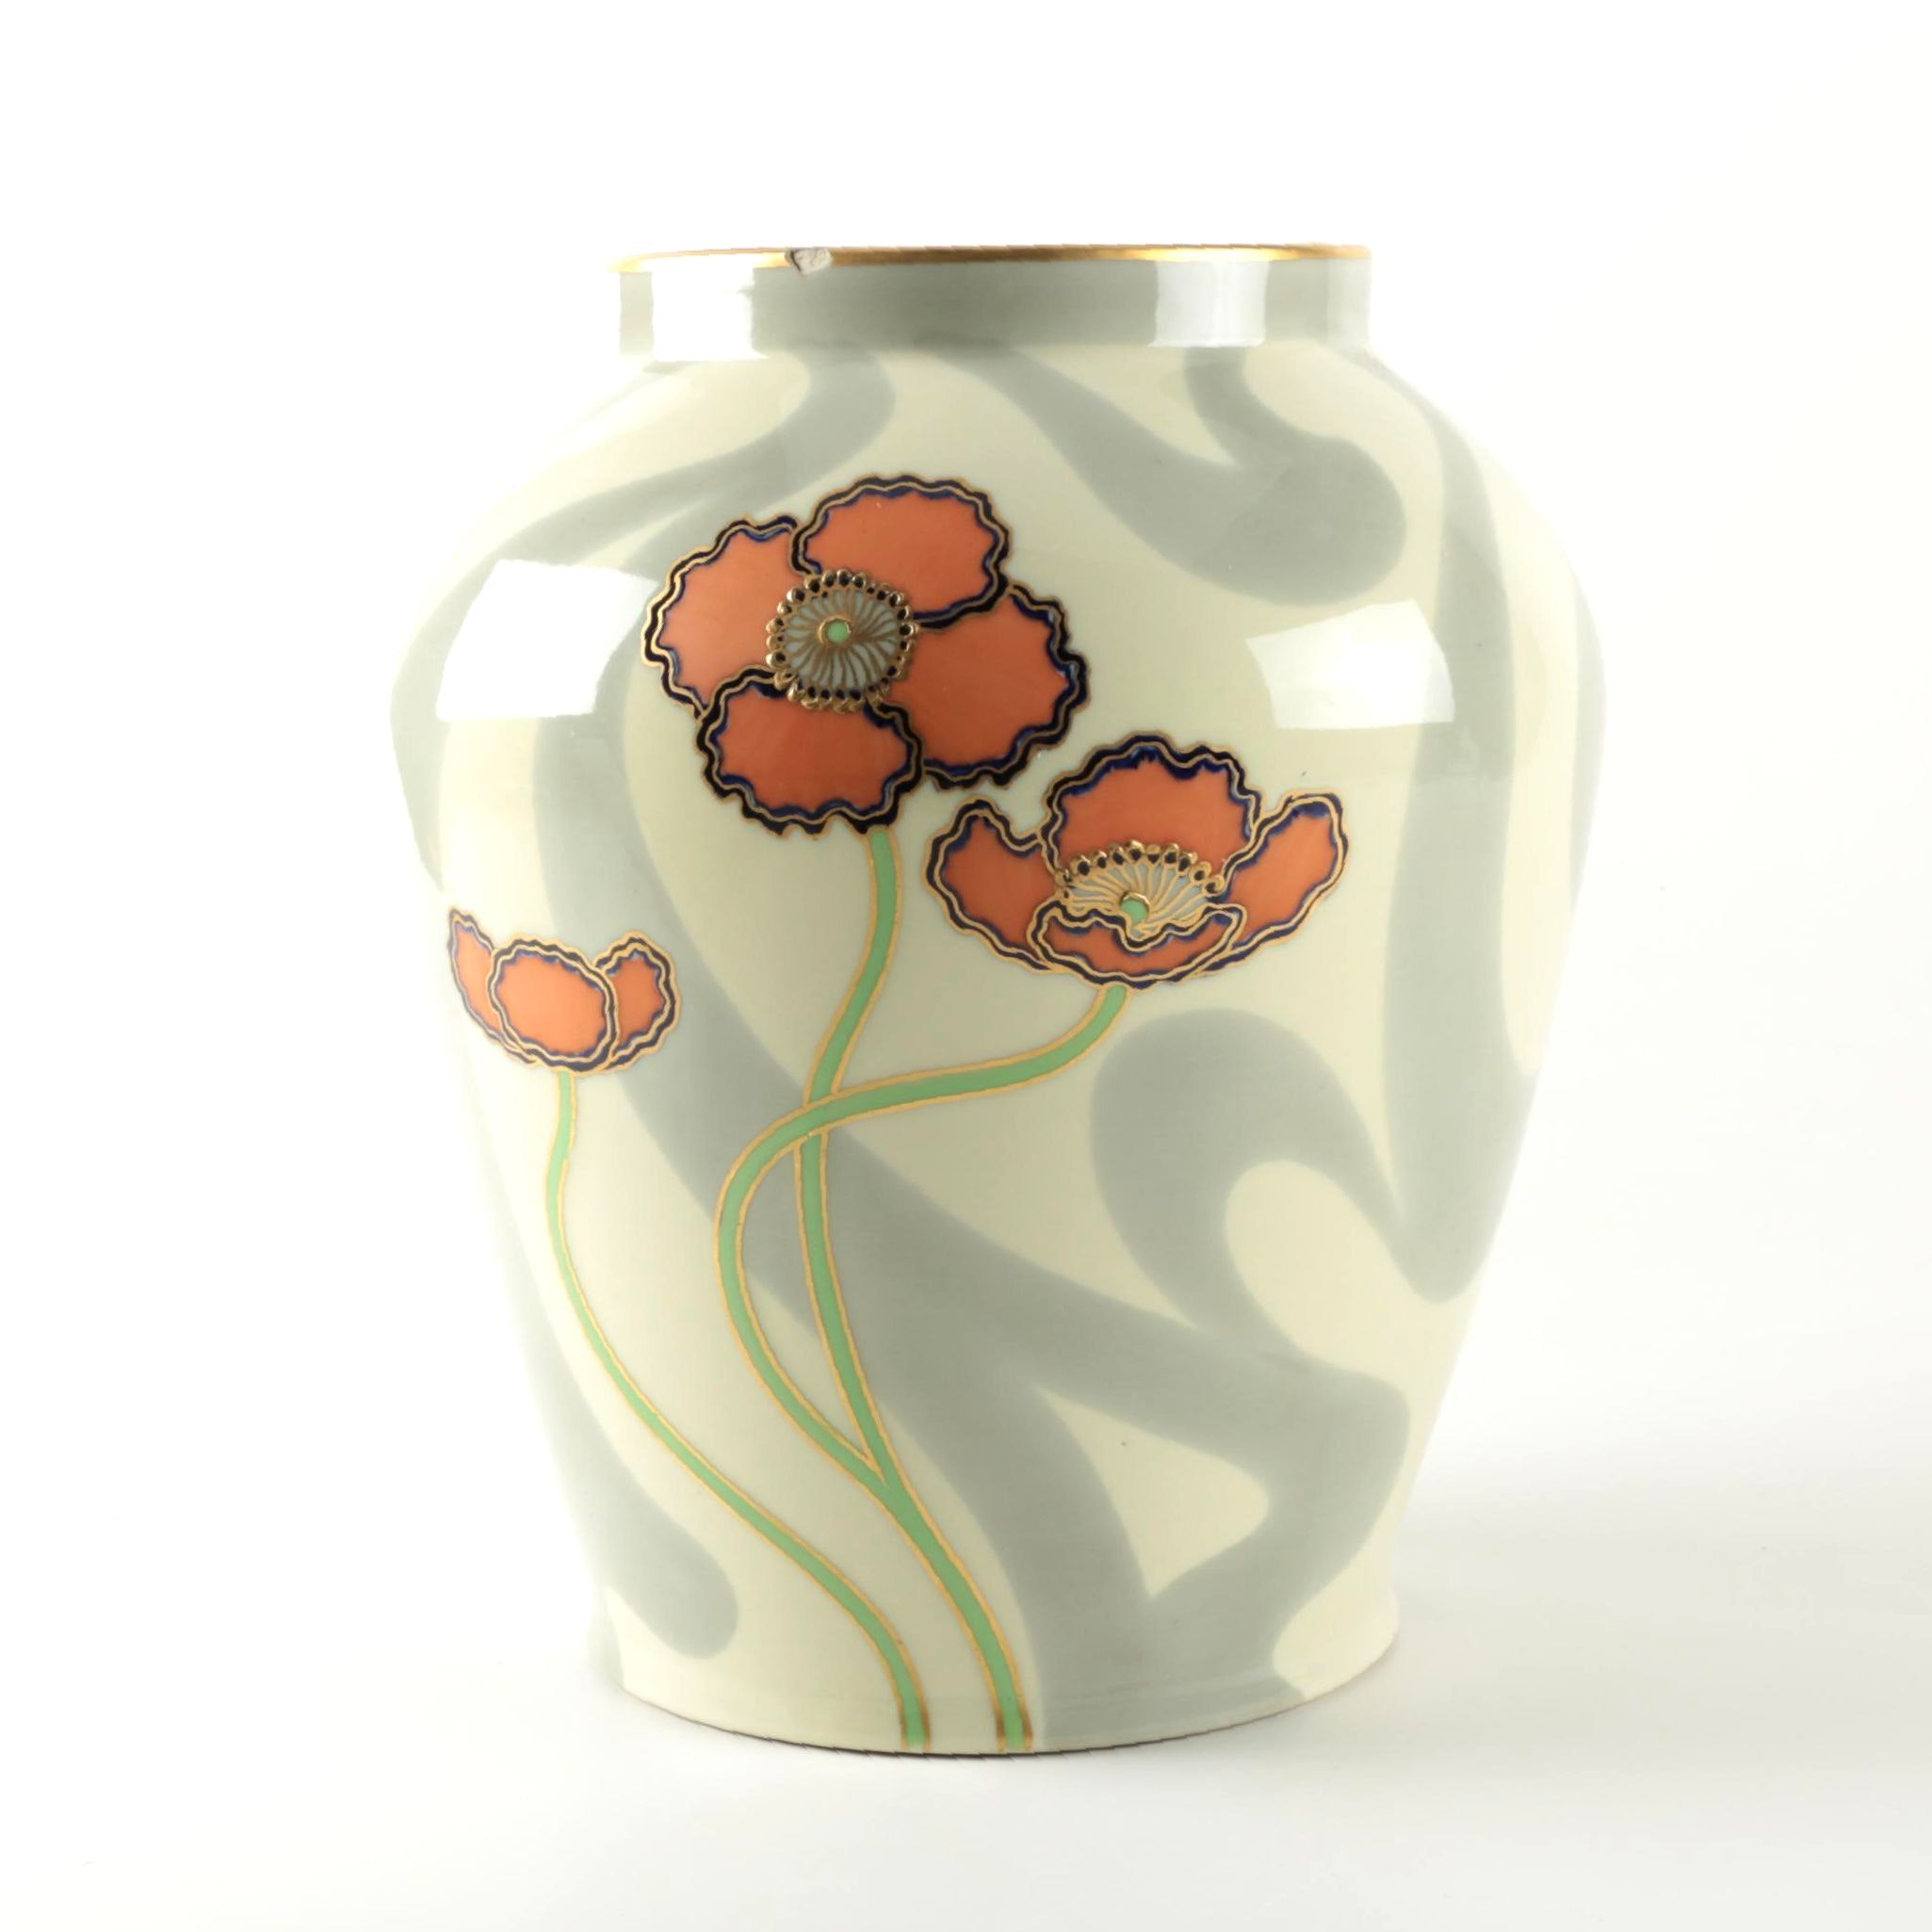 Antique Ernst Wahliss Turn Teplitz Porcelain Vase